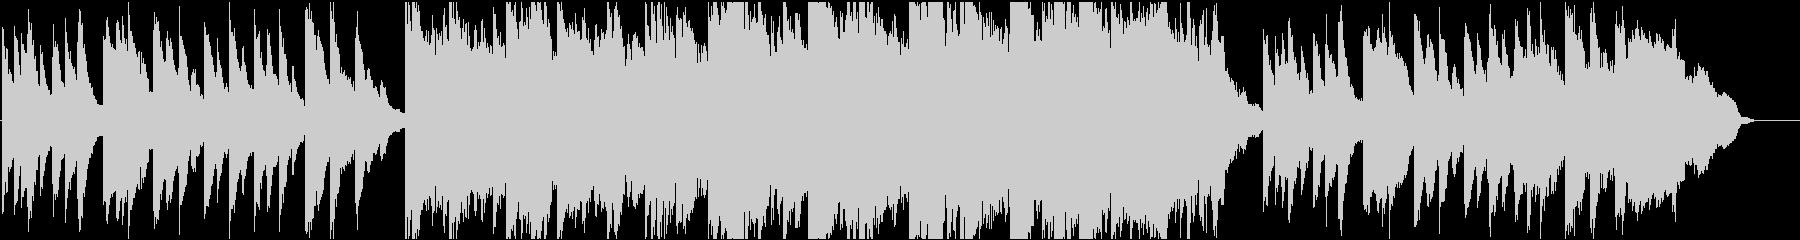 ドラマ4 24bit44.1kHzVerの未再生の波形